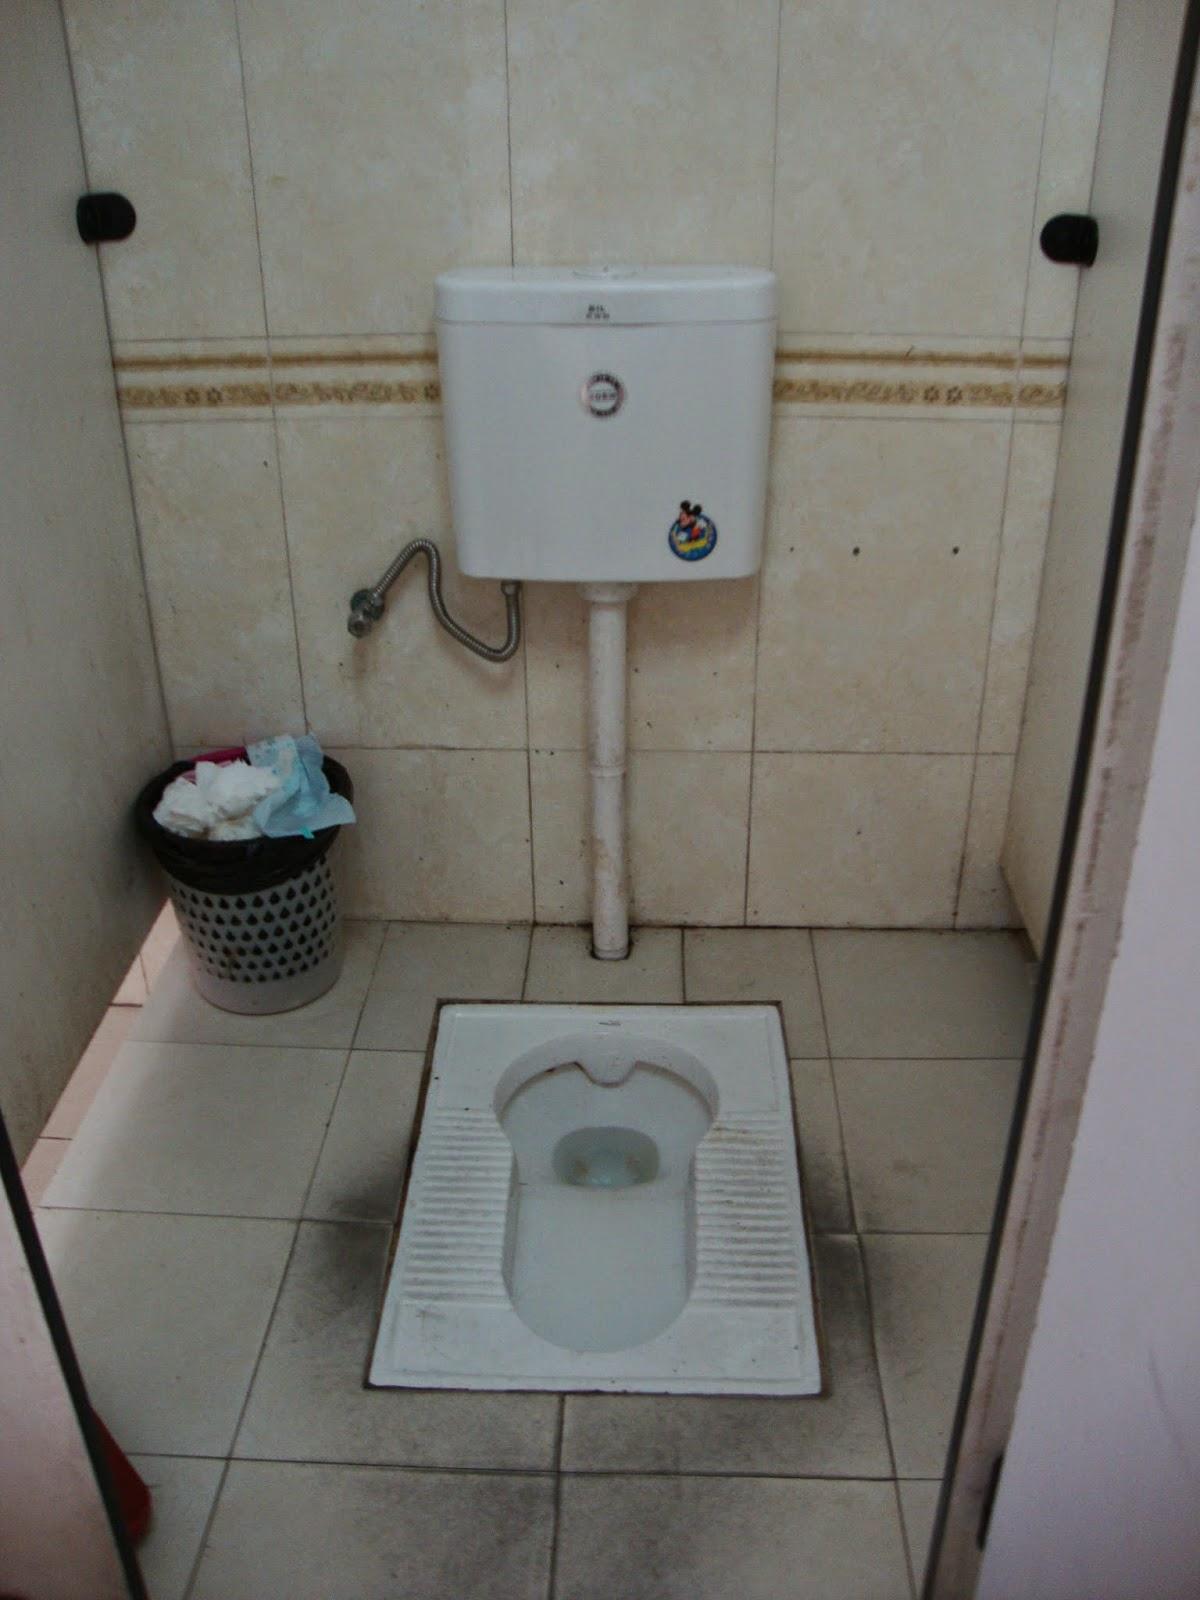 Mon oeil retour en helv tie aisance - Lunette wc chauffante ...